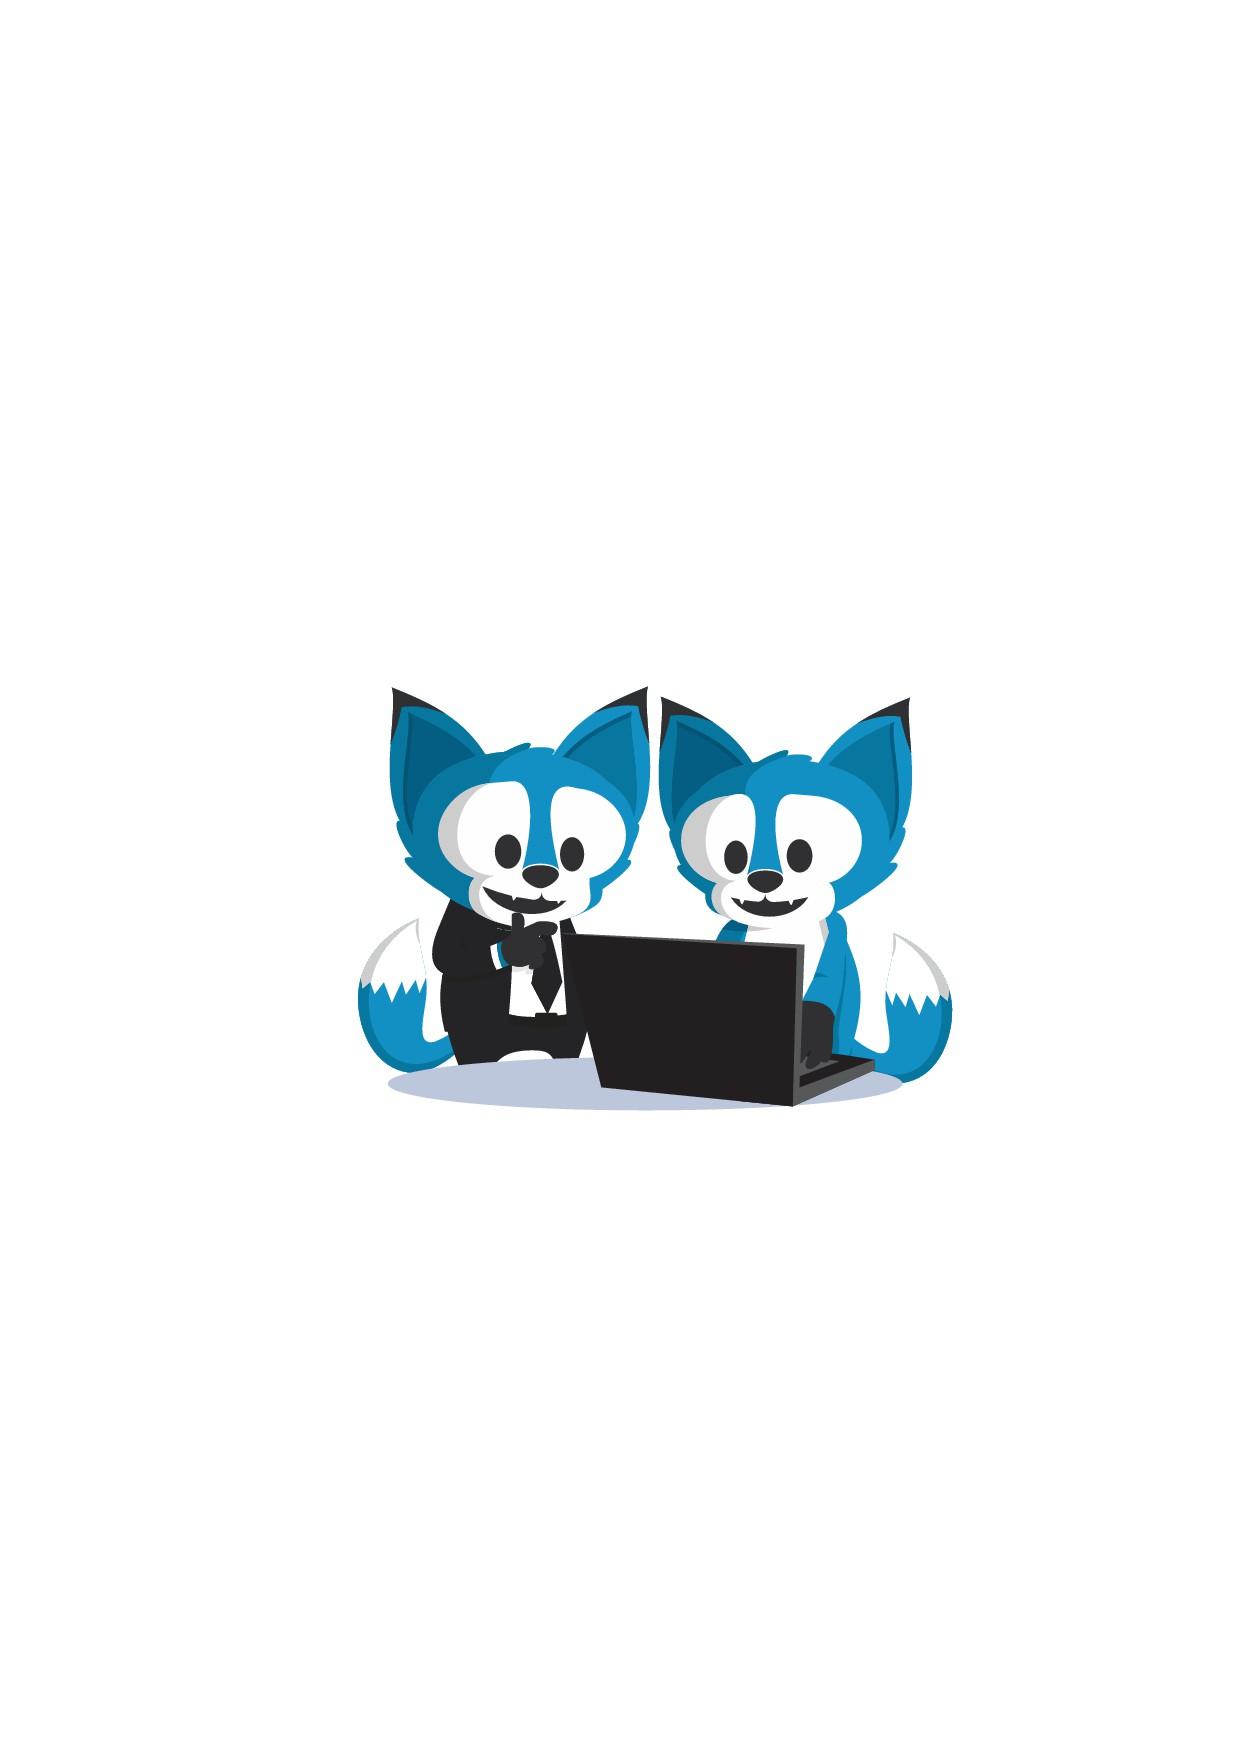 Unique Software Crafter Mascot